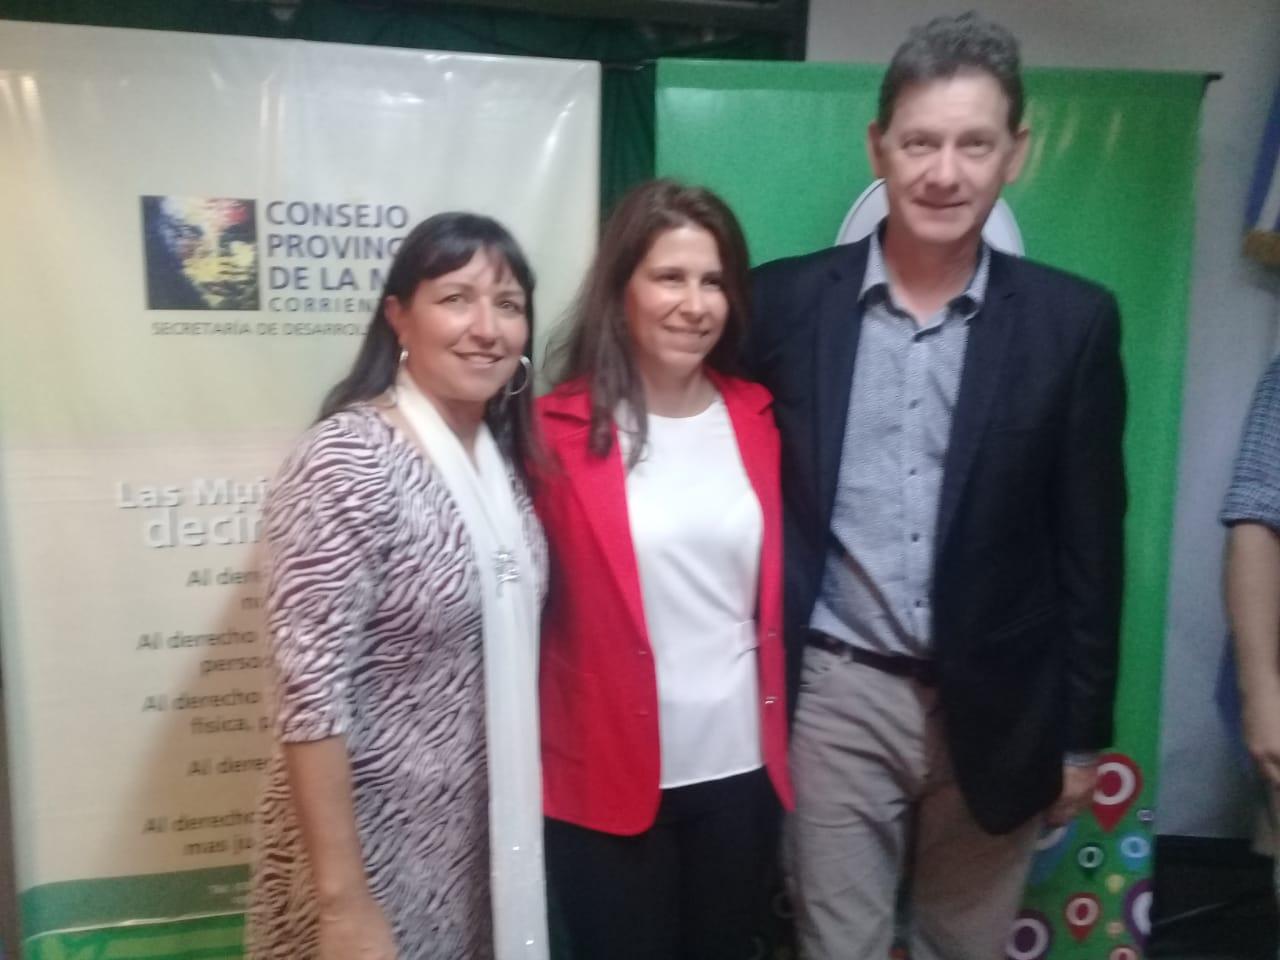 El Ministro Diógenes González puso en funciones a la nueva presidente del Consejo Provincial de la Mujer